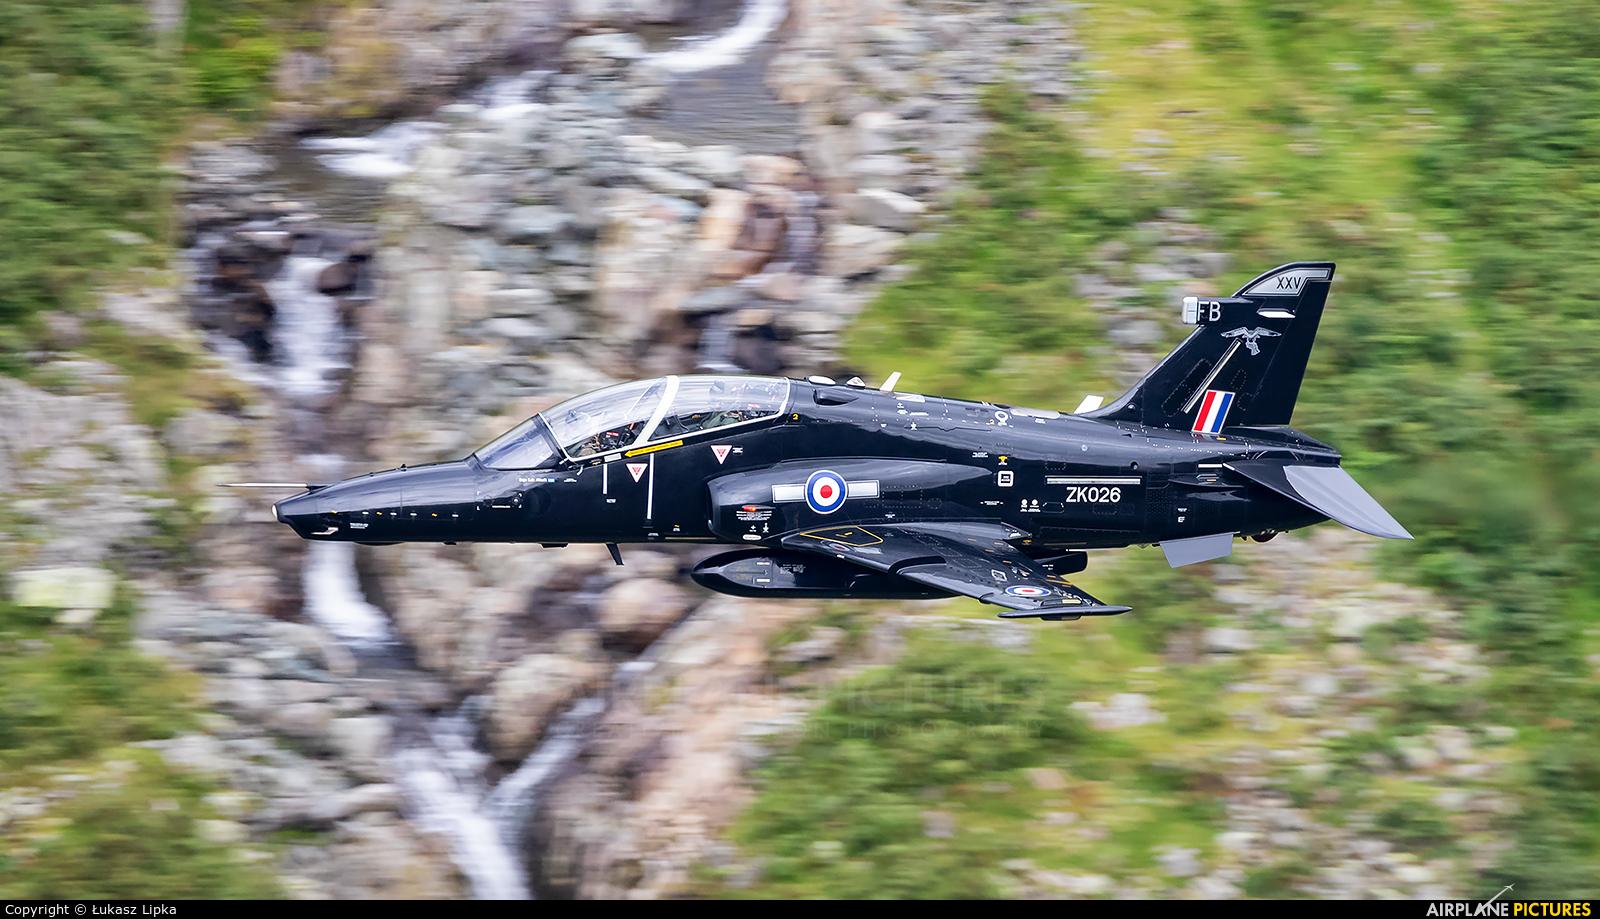 Royal Air Force ZK026 aircraft at Lake District - LFA